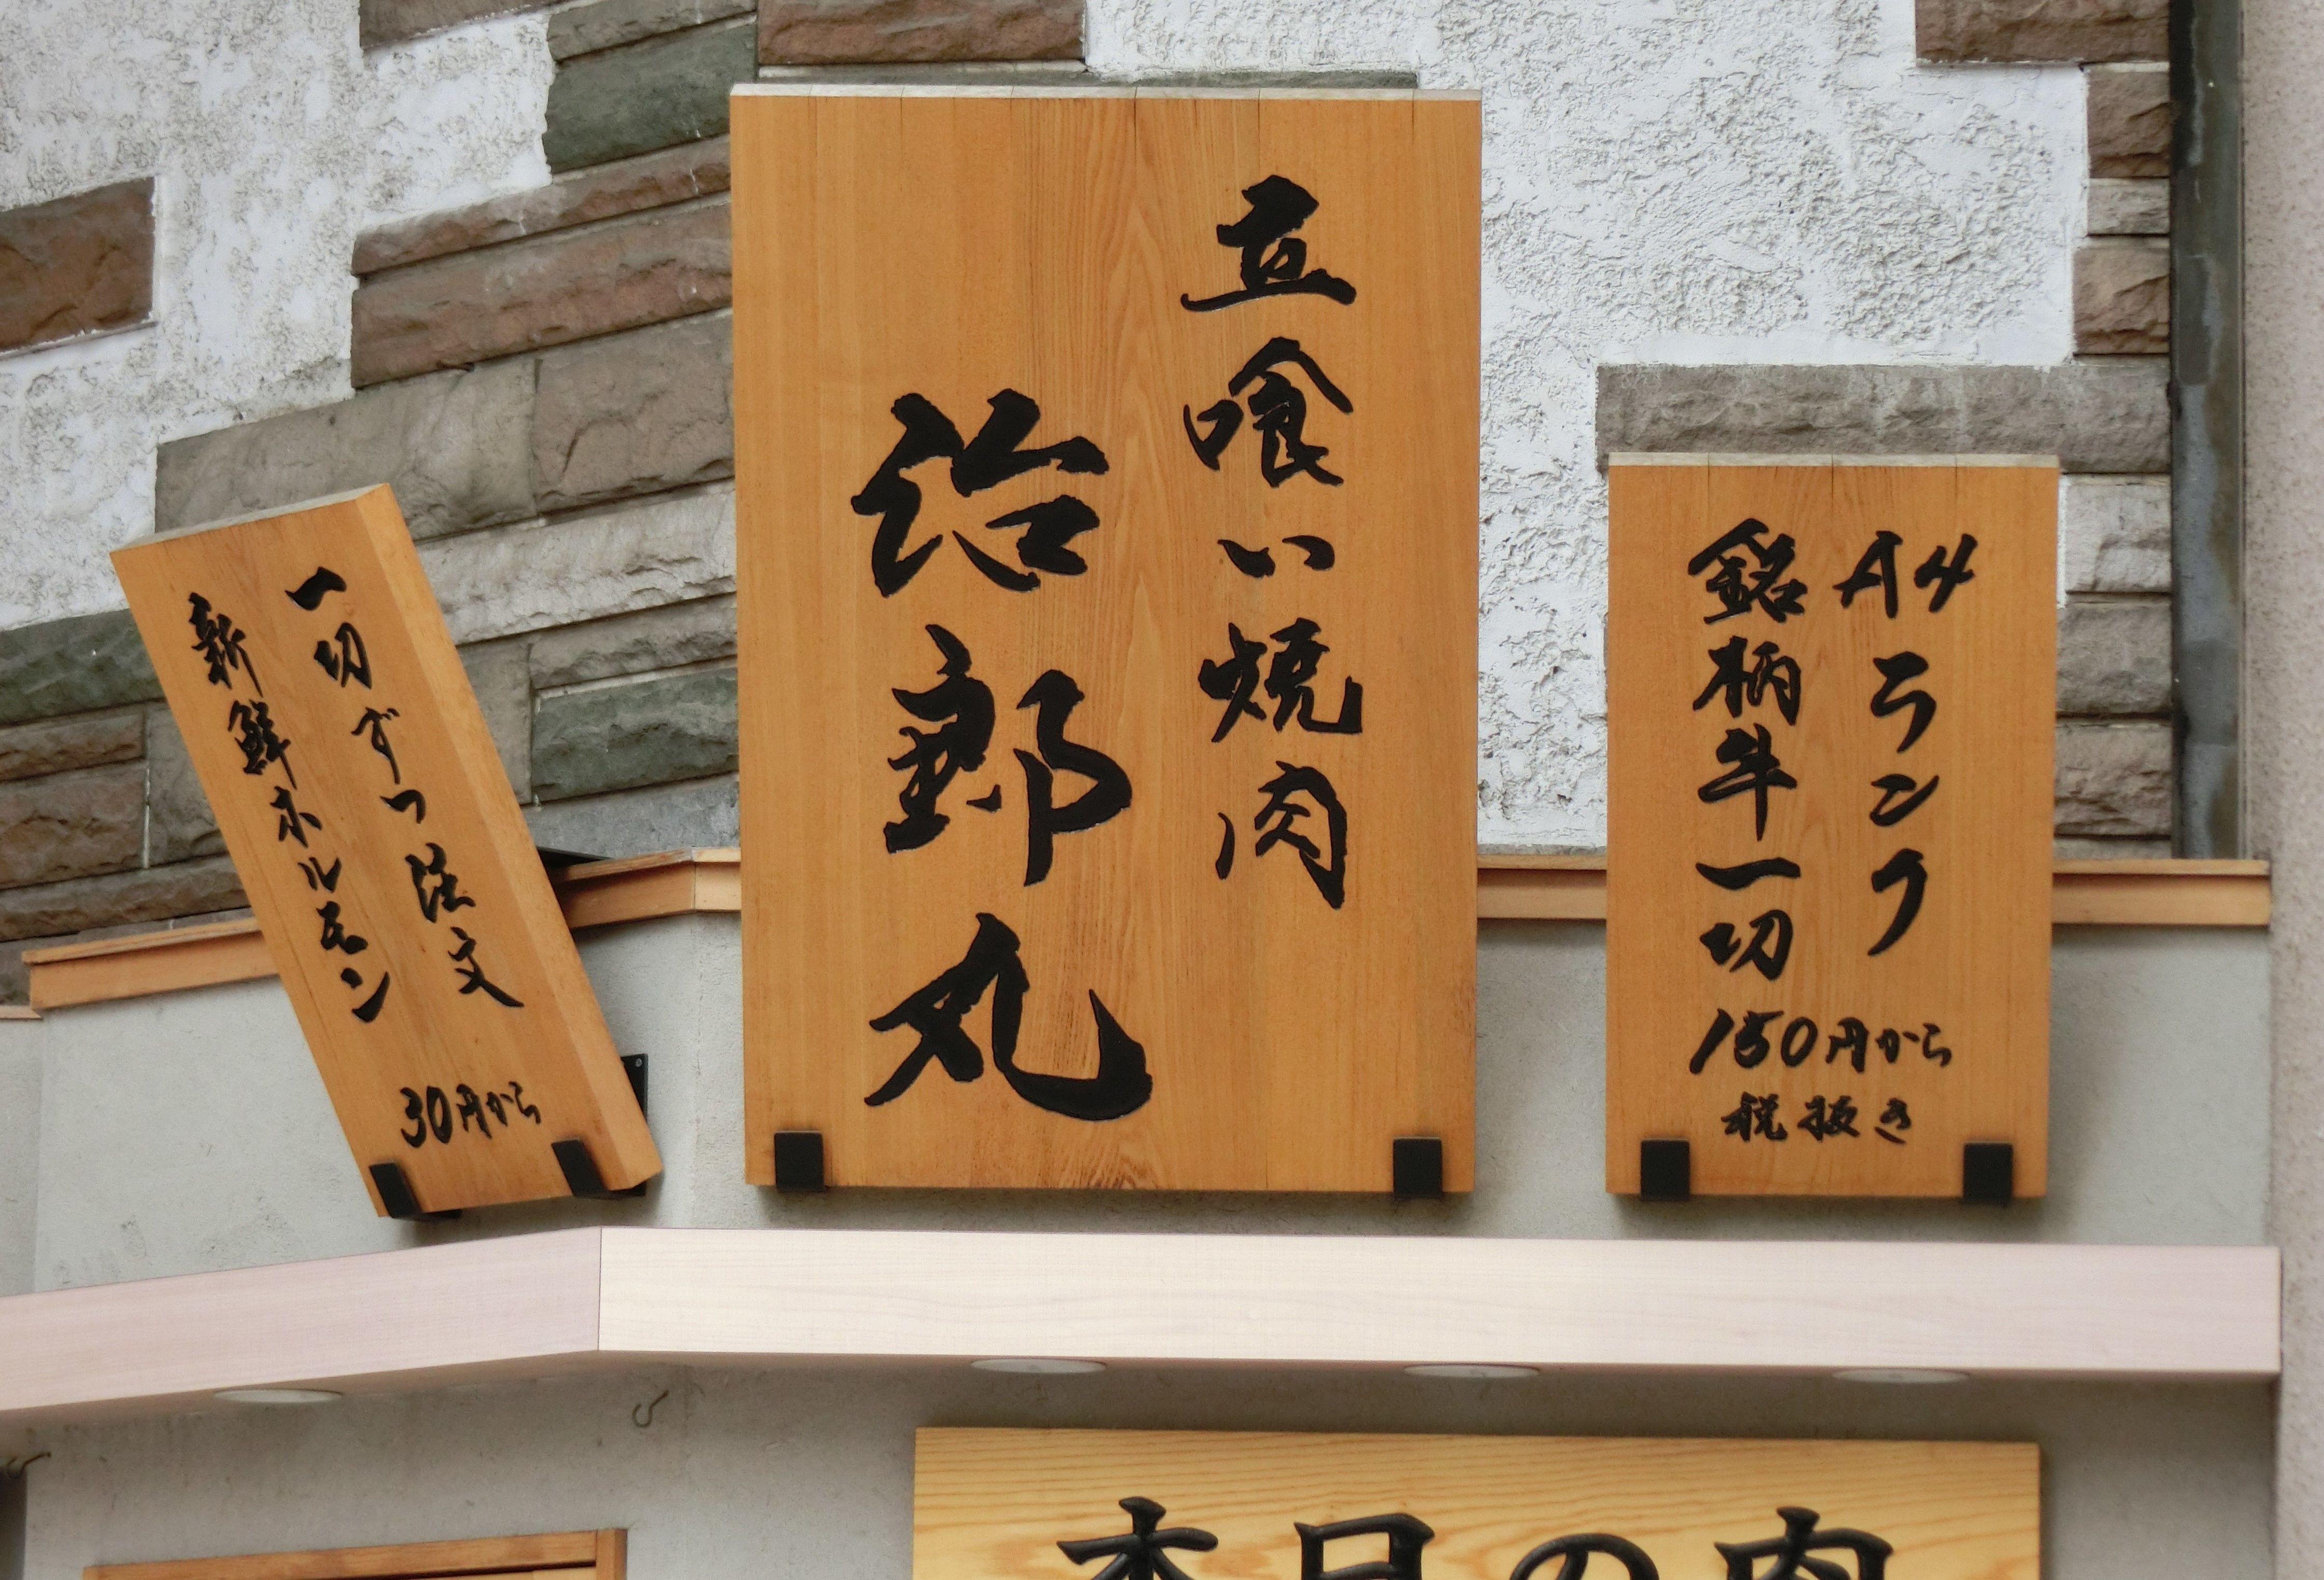 海帆、立ち食い焼肉「治郎丸」買収…東京に本格上陸?